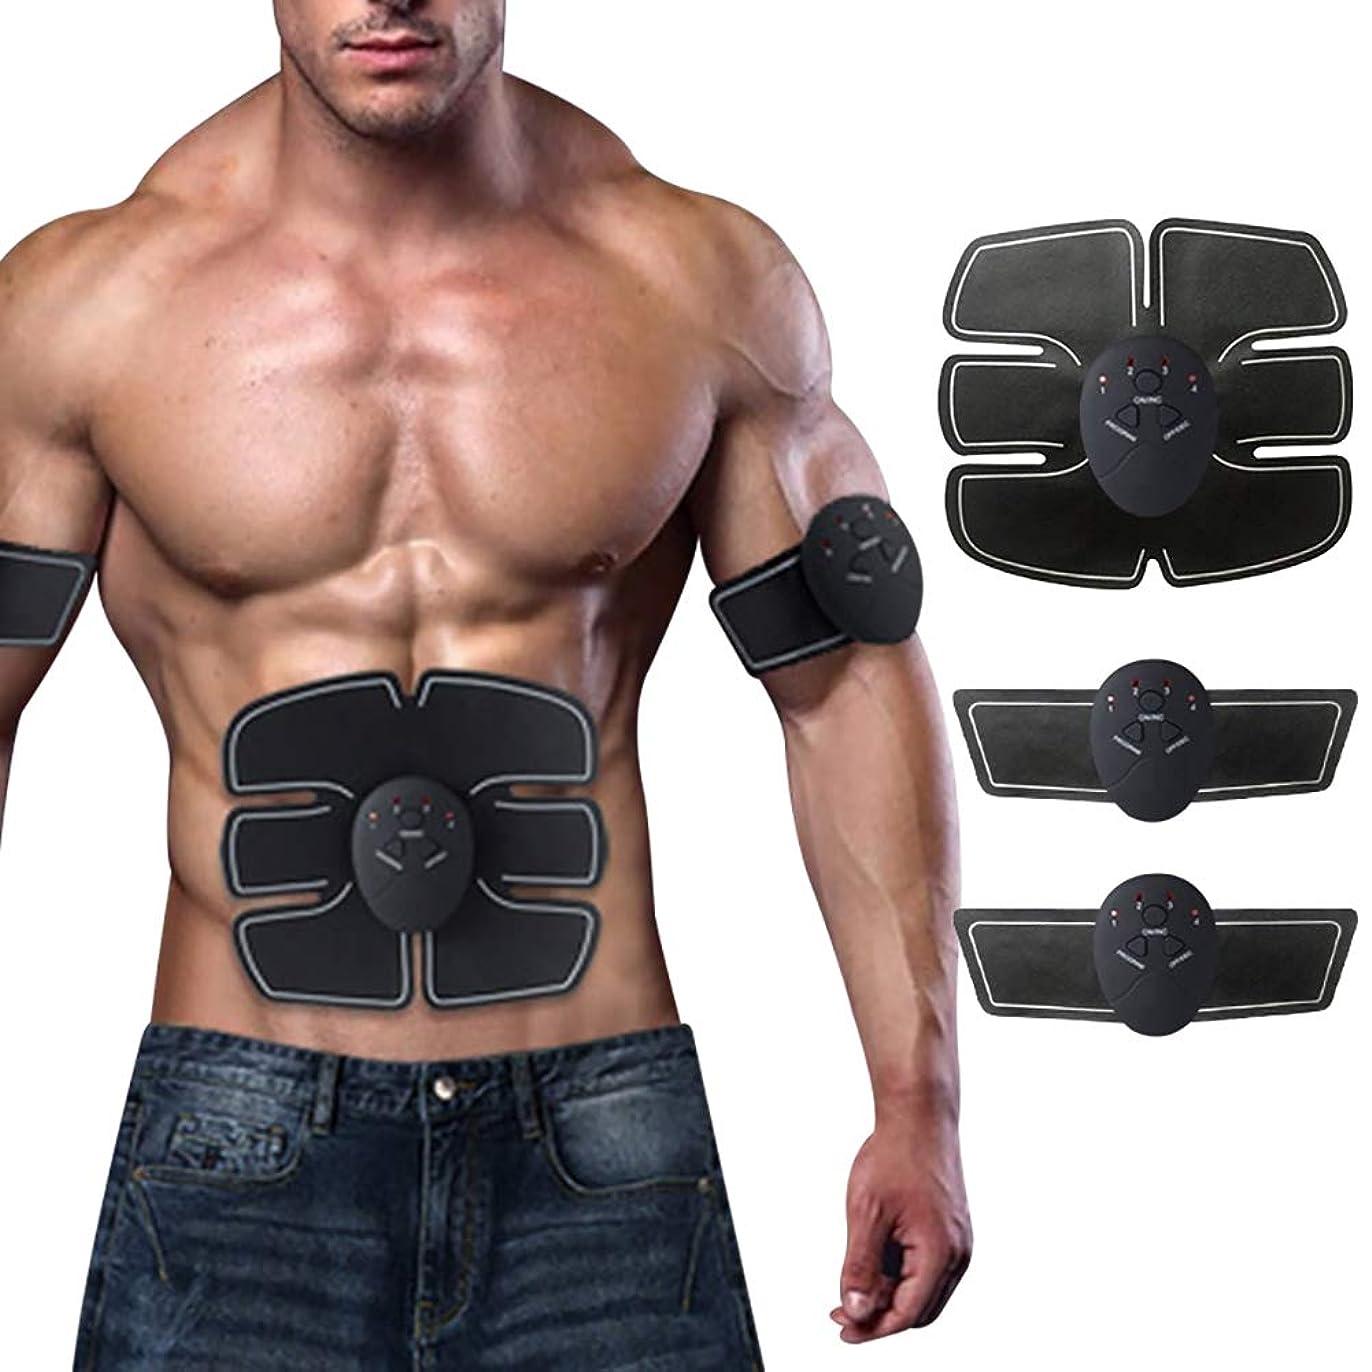 起きろ旅行代理店未亡人スマートフィットネス腹部器具、EMSテクノロジー腹部および腕筋刺激トレーナー筋肉運動怠Exerciseな家族フィットネス機器,A,Charging